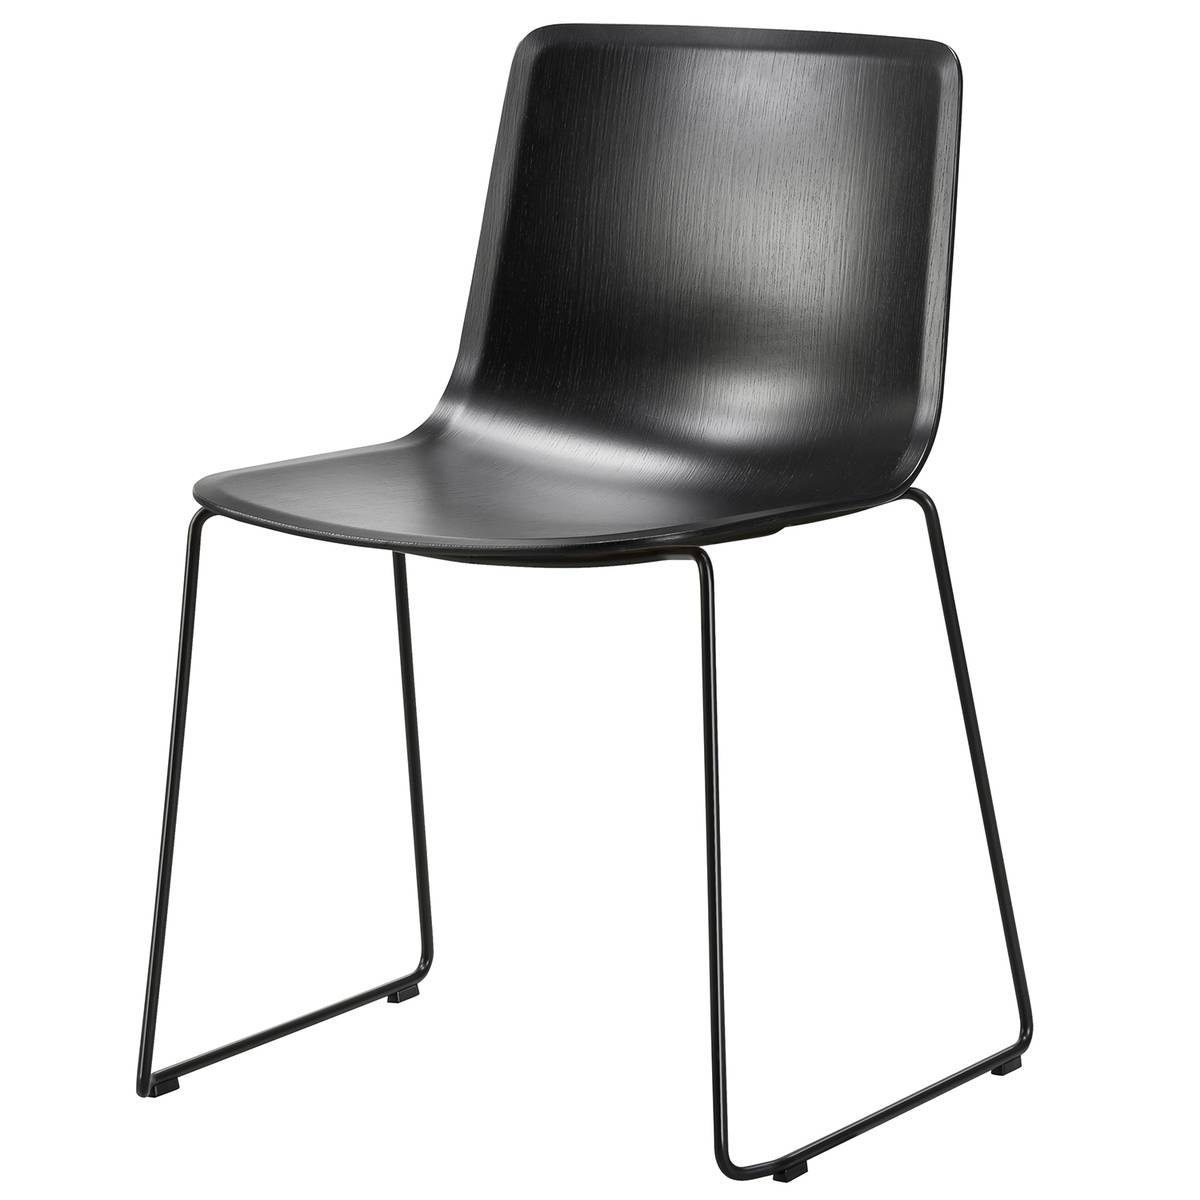 Fredericia Pato tuoli, kelkkajalka, musta